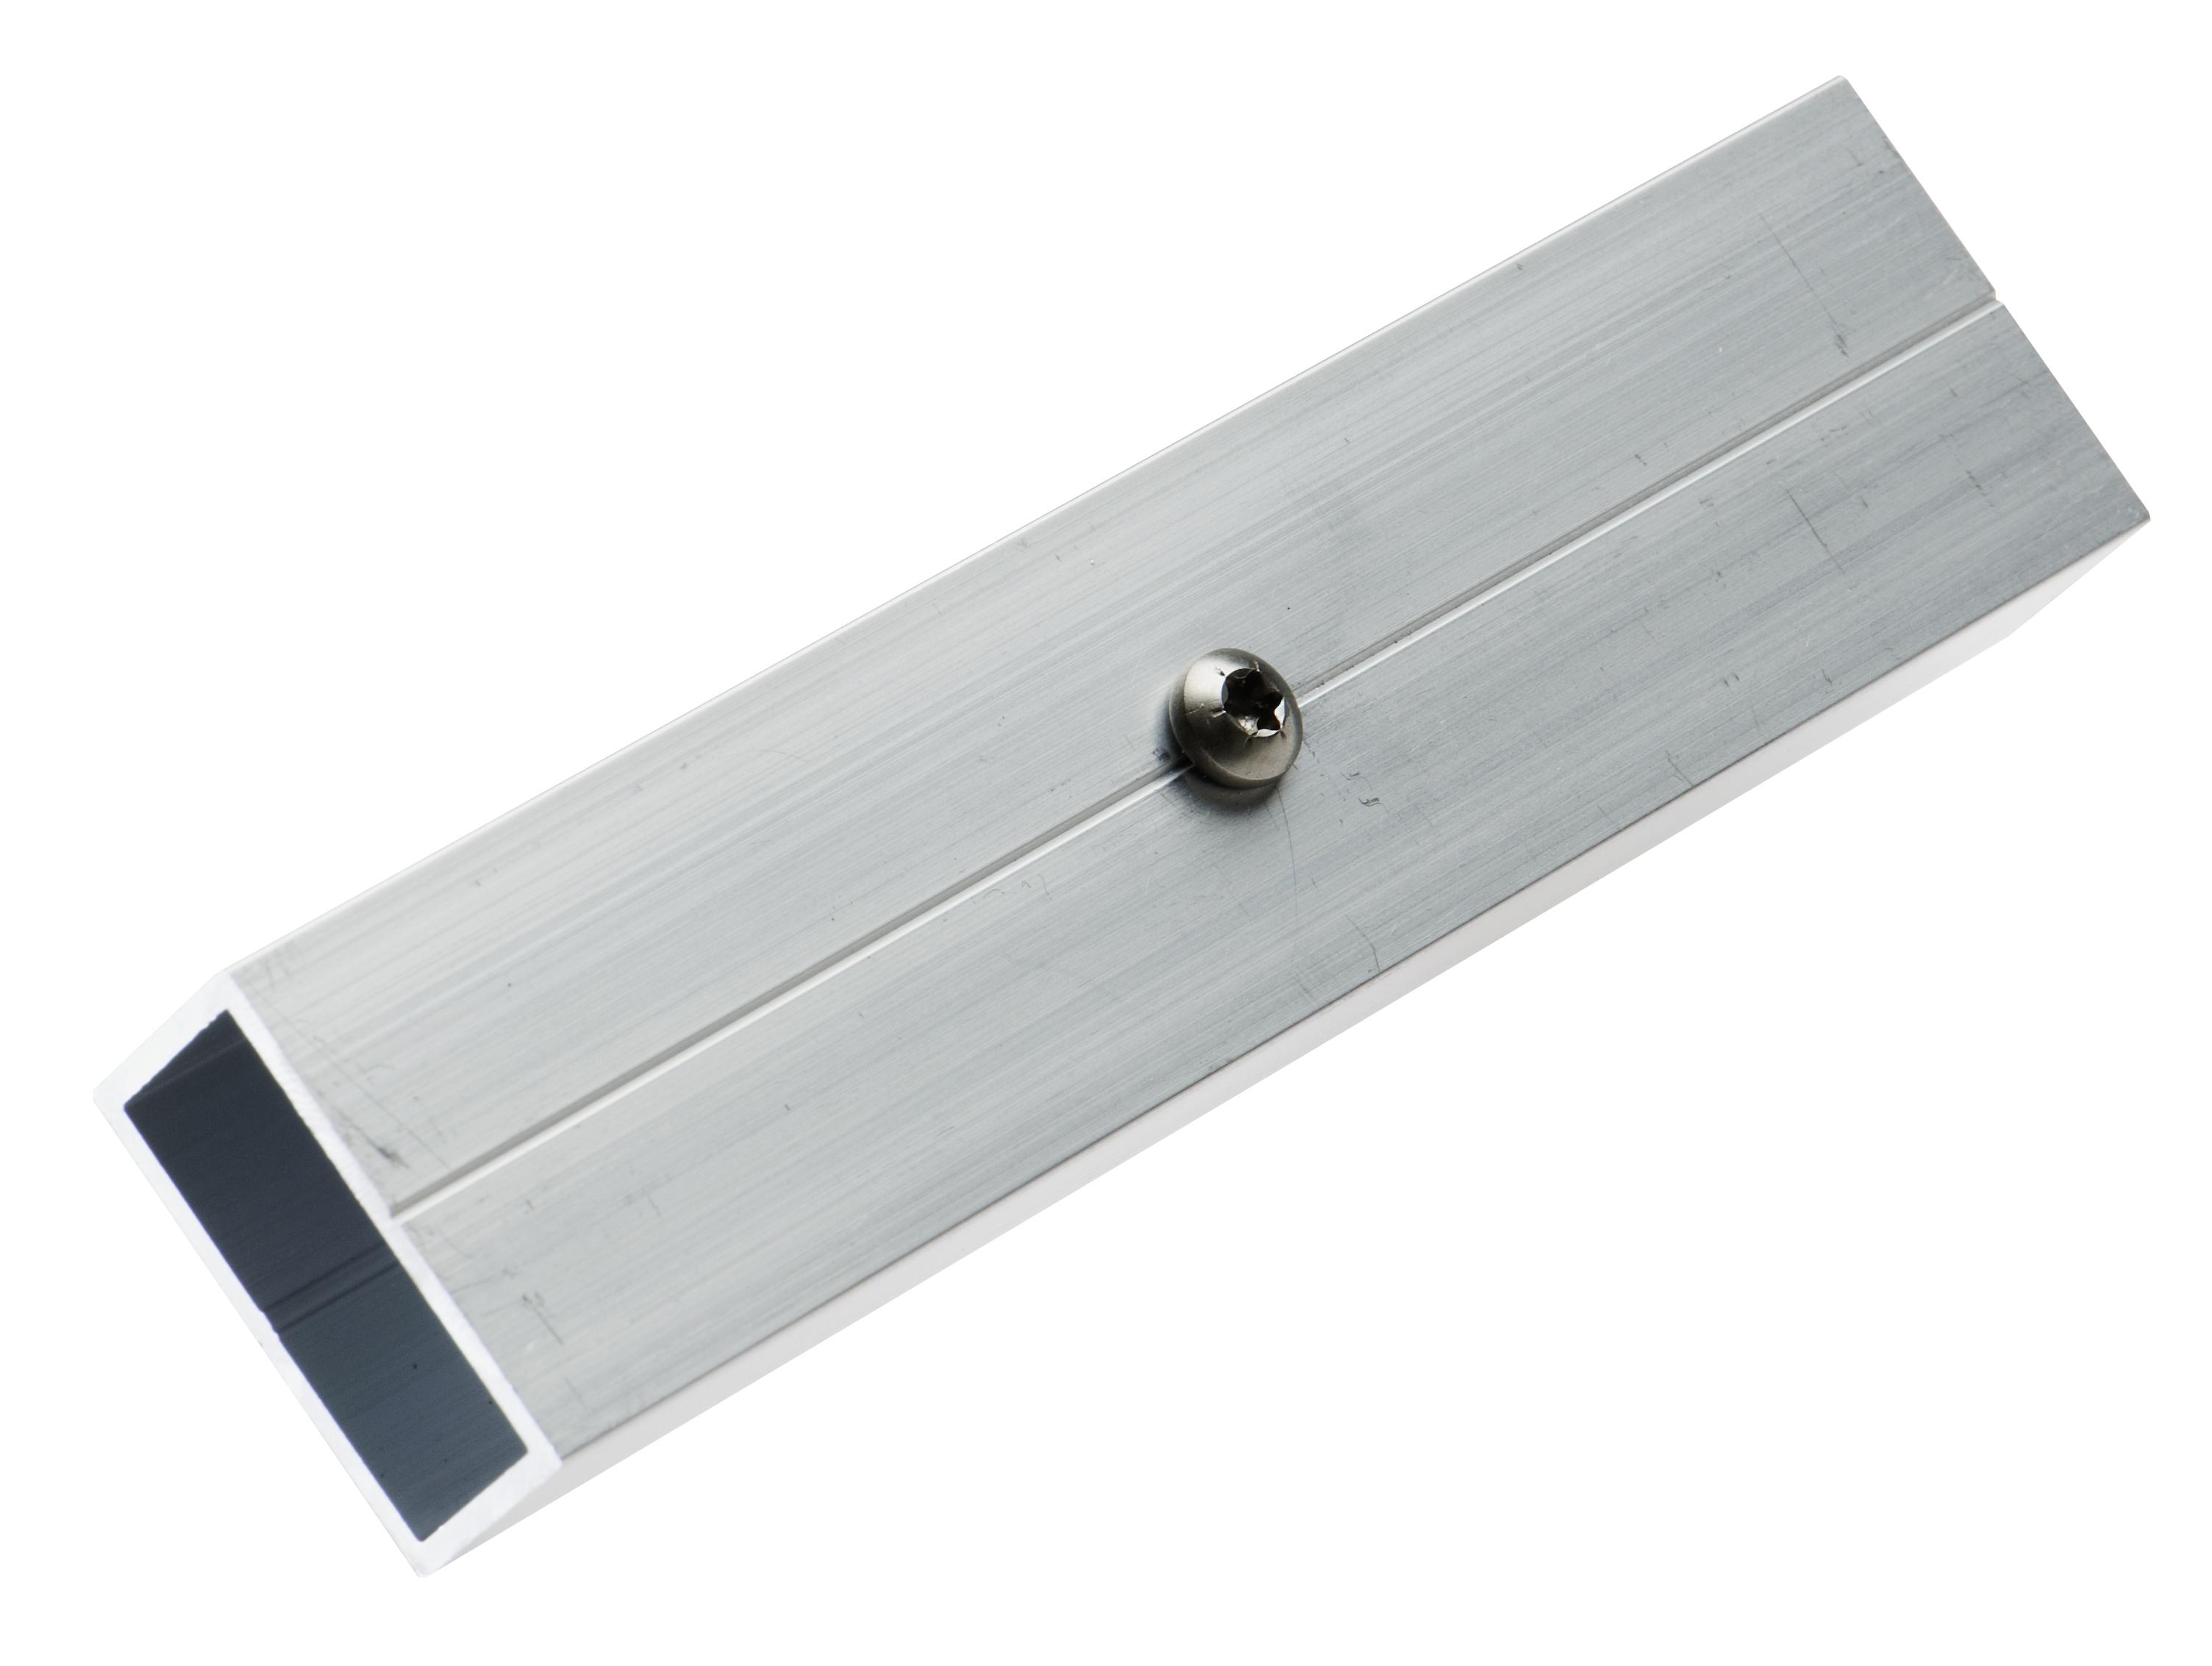 1 Stk Schienenverbinder TS3 Standard PVF21190--